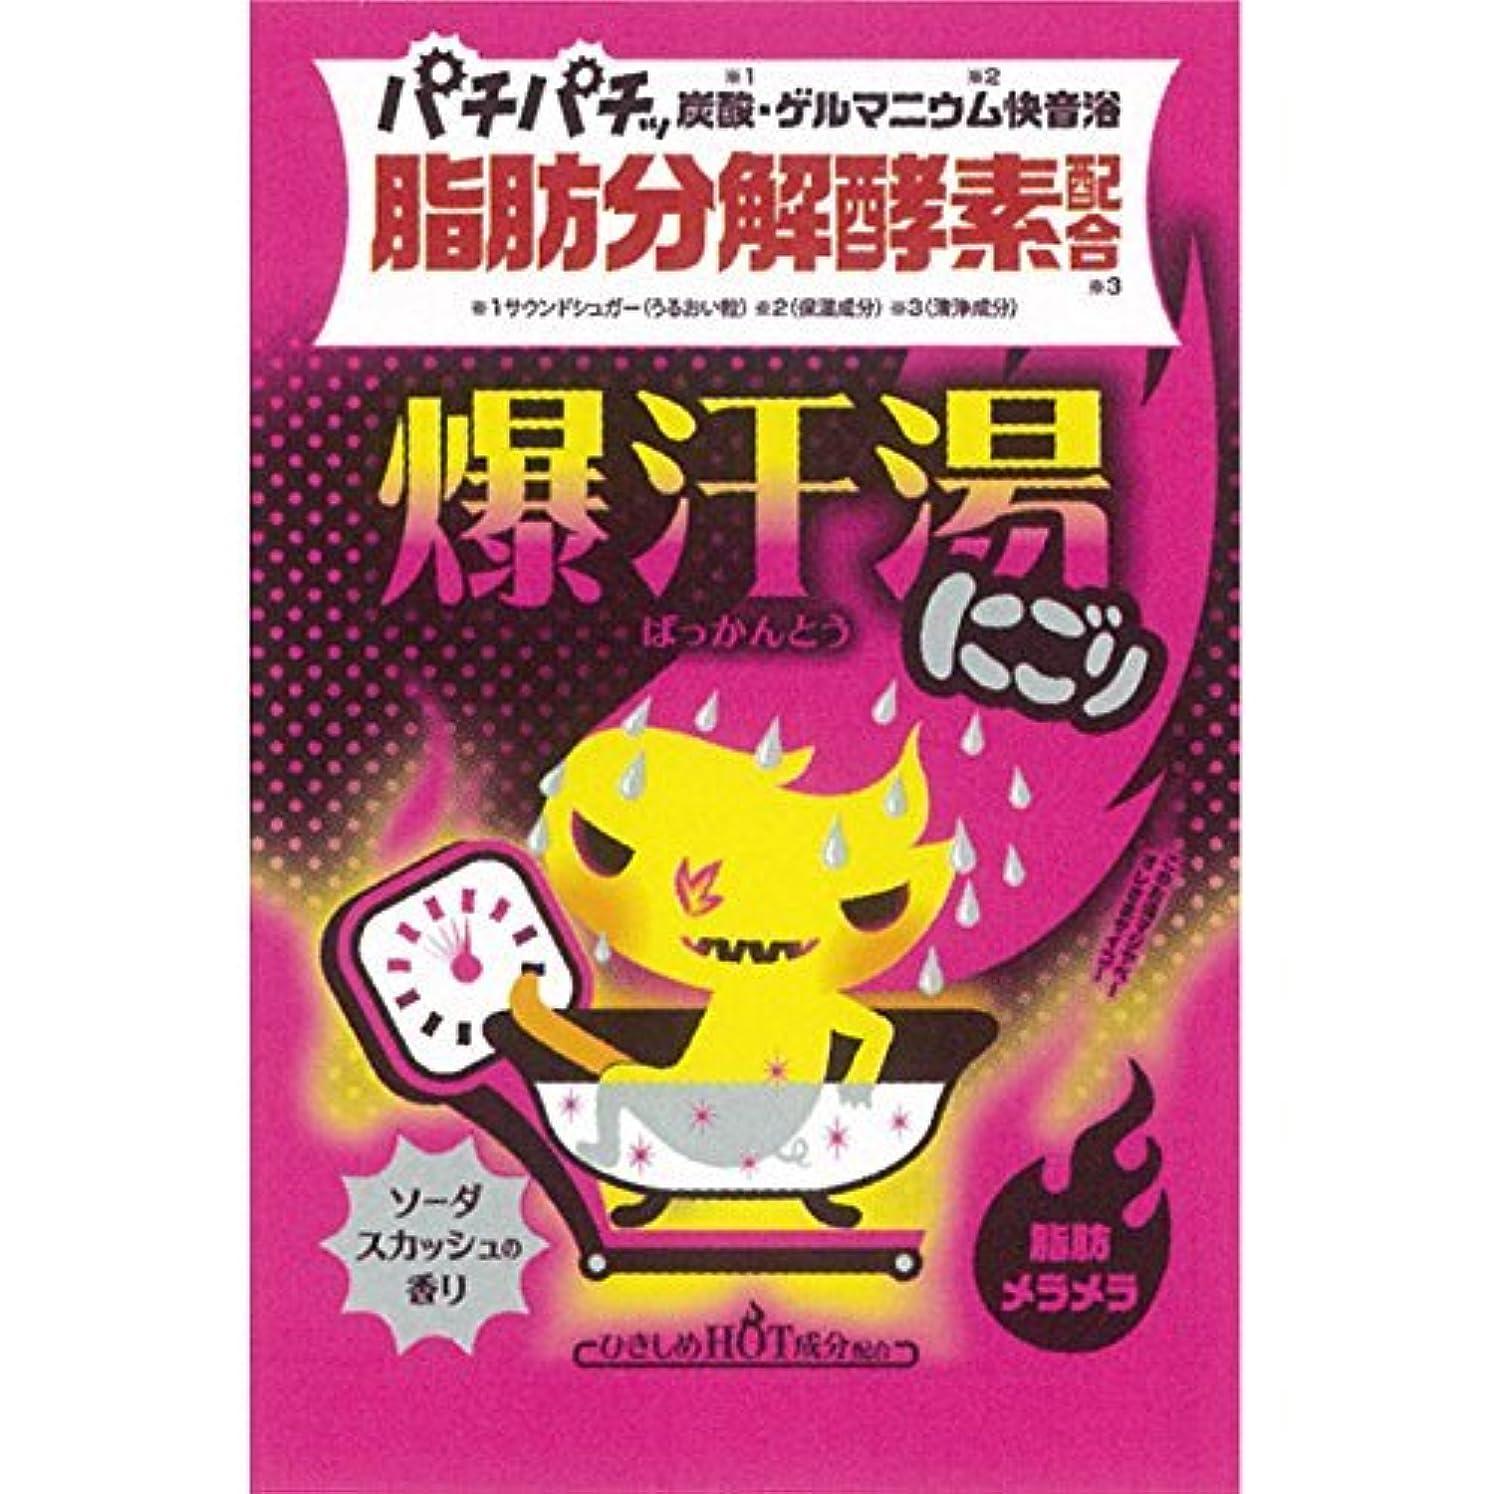 石炭単なる寄付爆汗湯 ゲルマニウム快音浴 にごり ソーダスカッシュの香り(入浴剤)